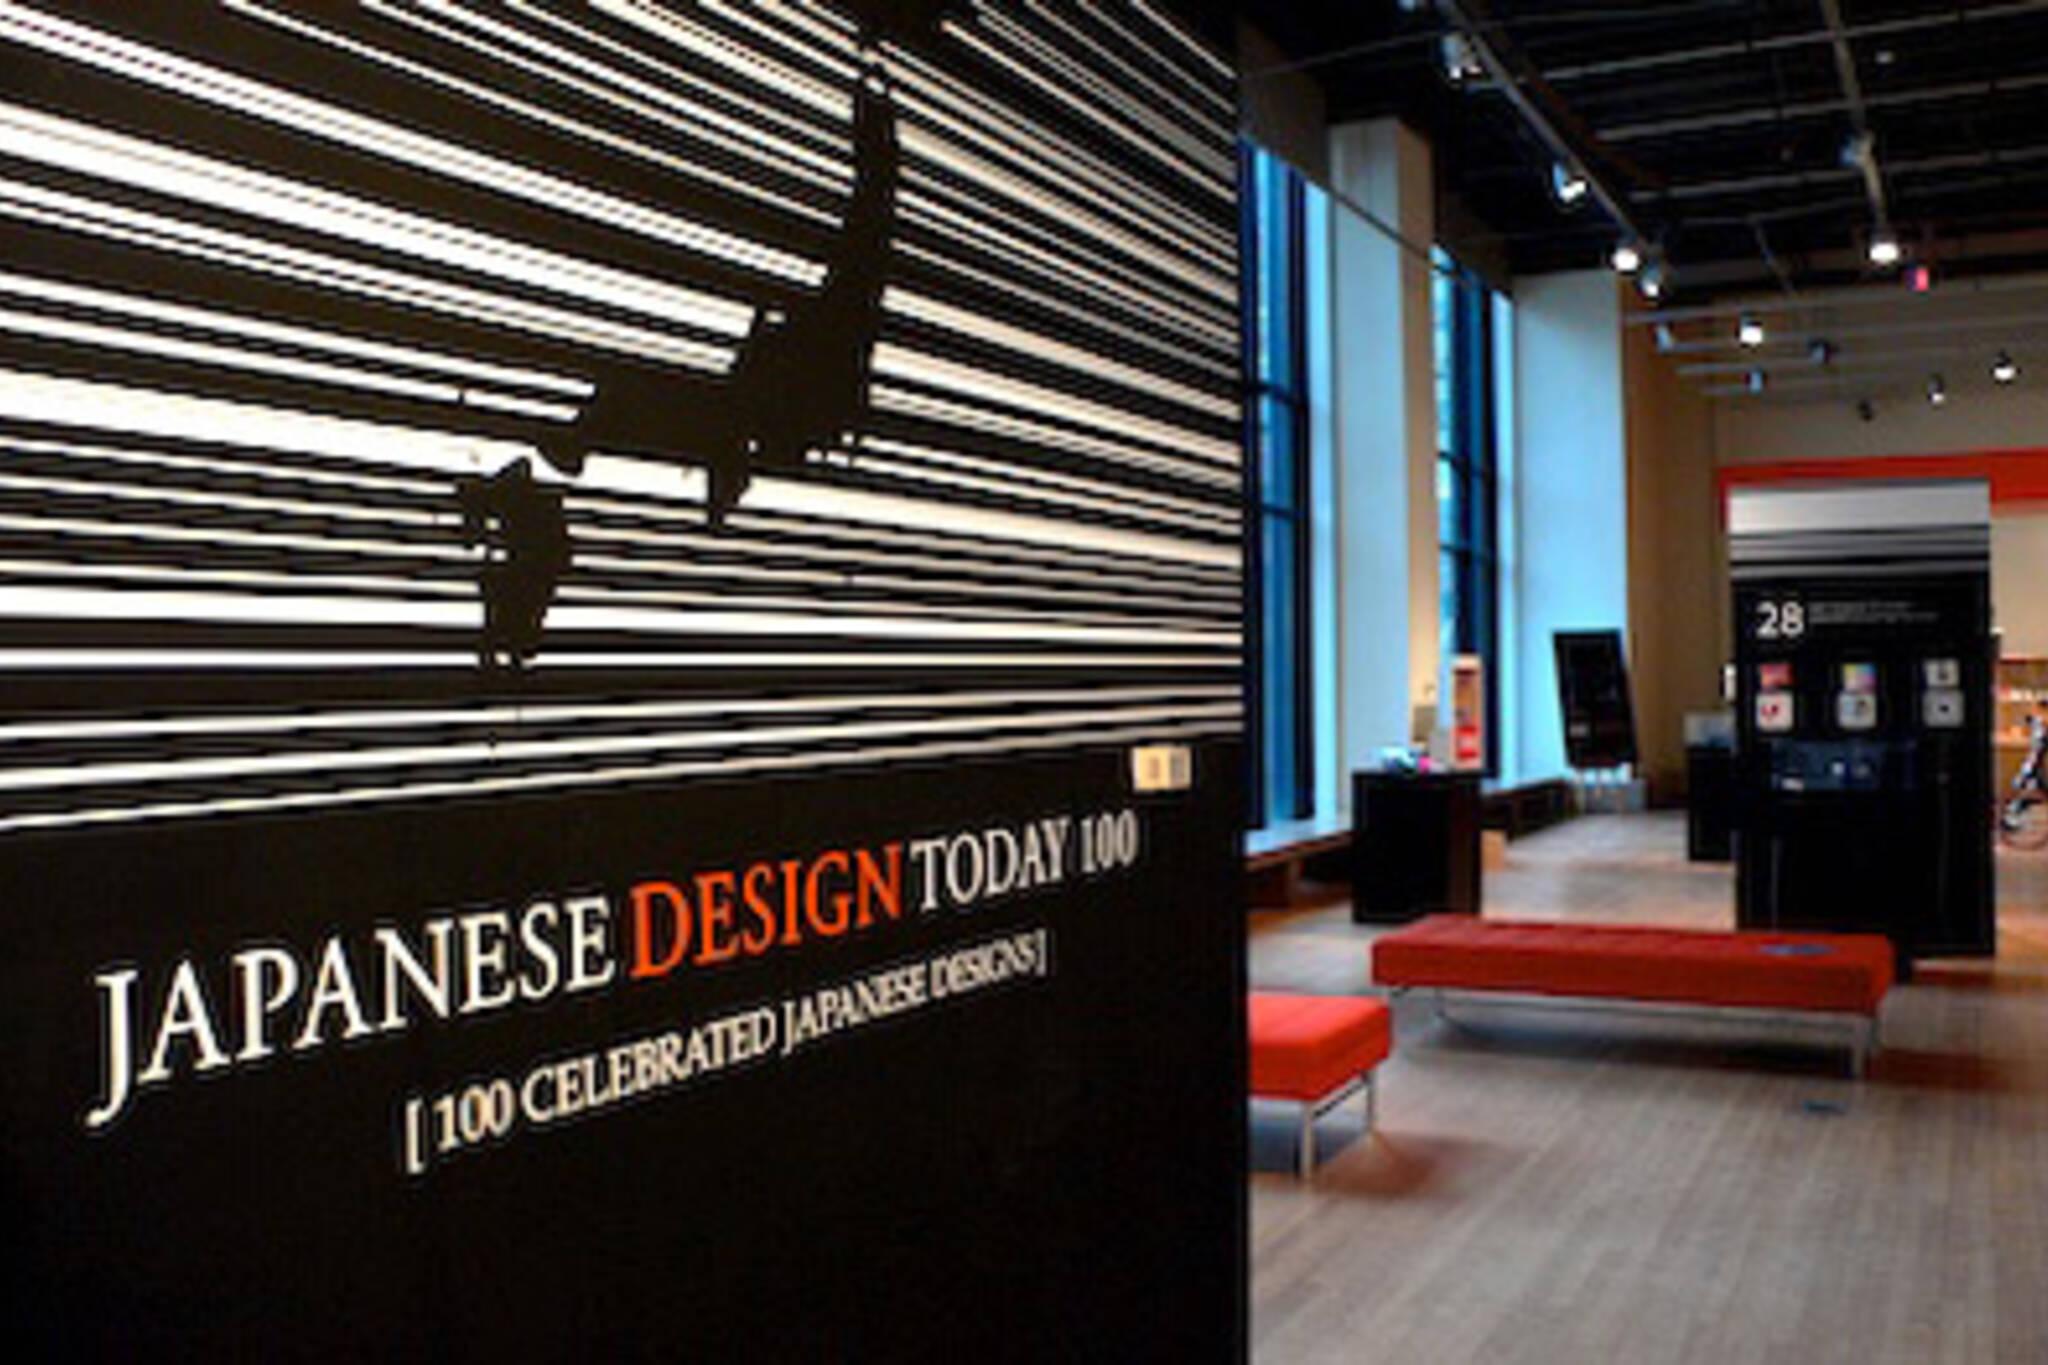 japanesedesign.jpg